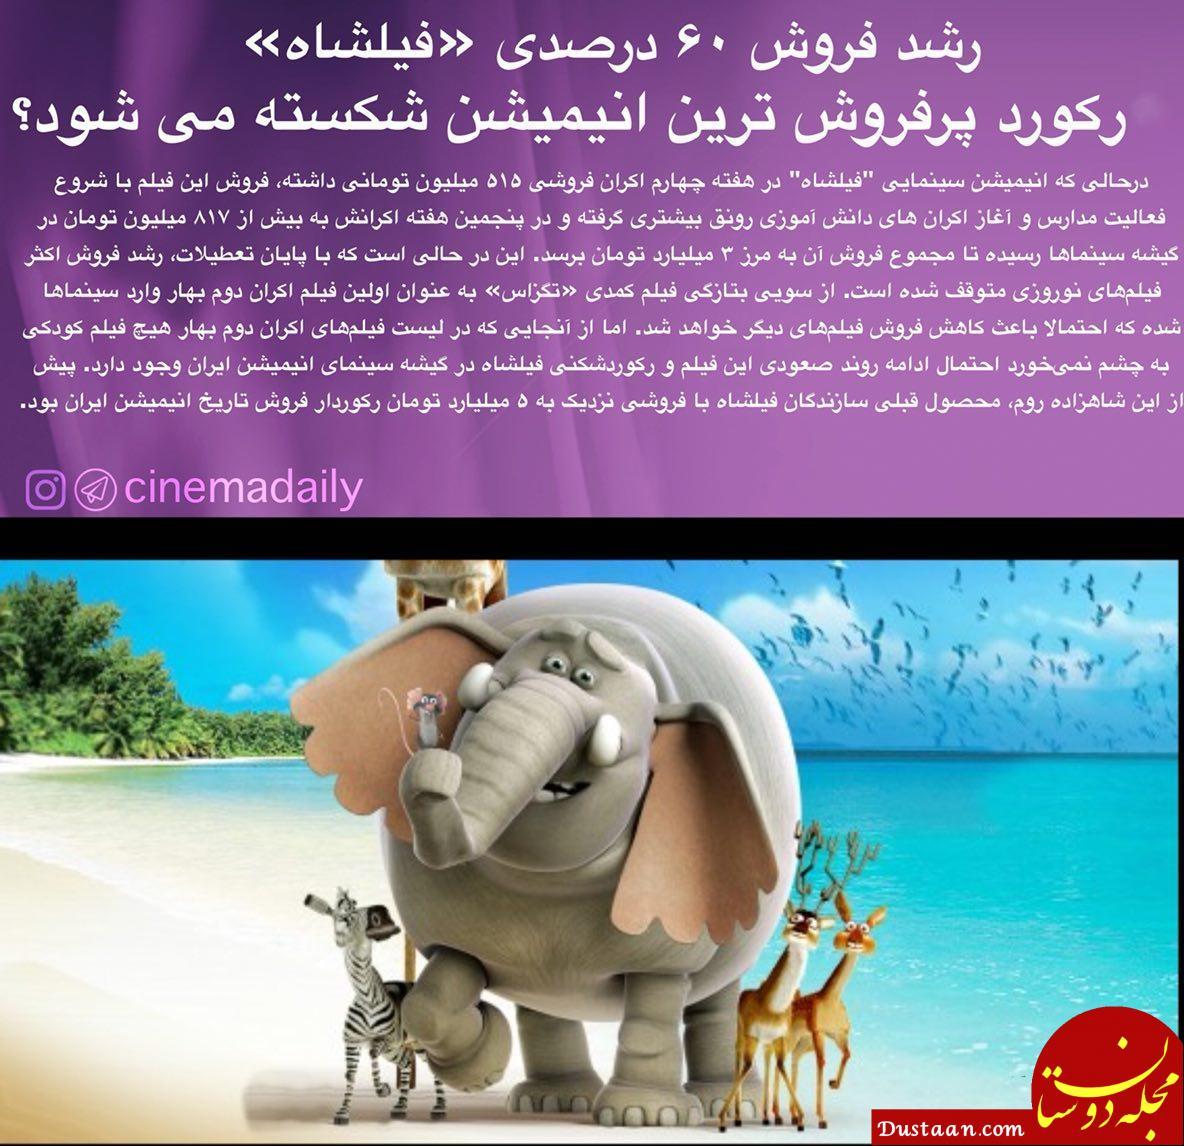 www.dustaan.com رکورد پرفروش ترین انیمیشن شکسته می شود؟